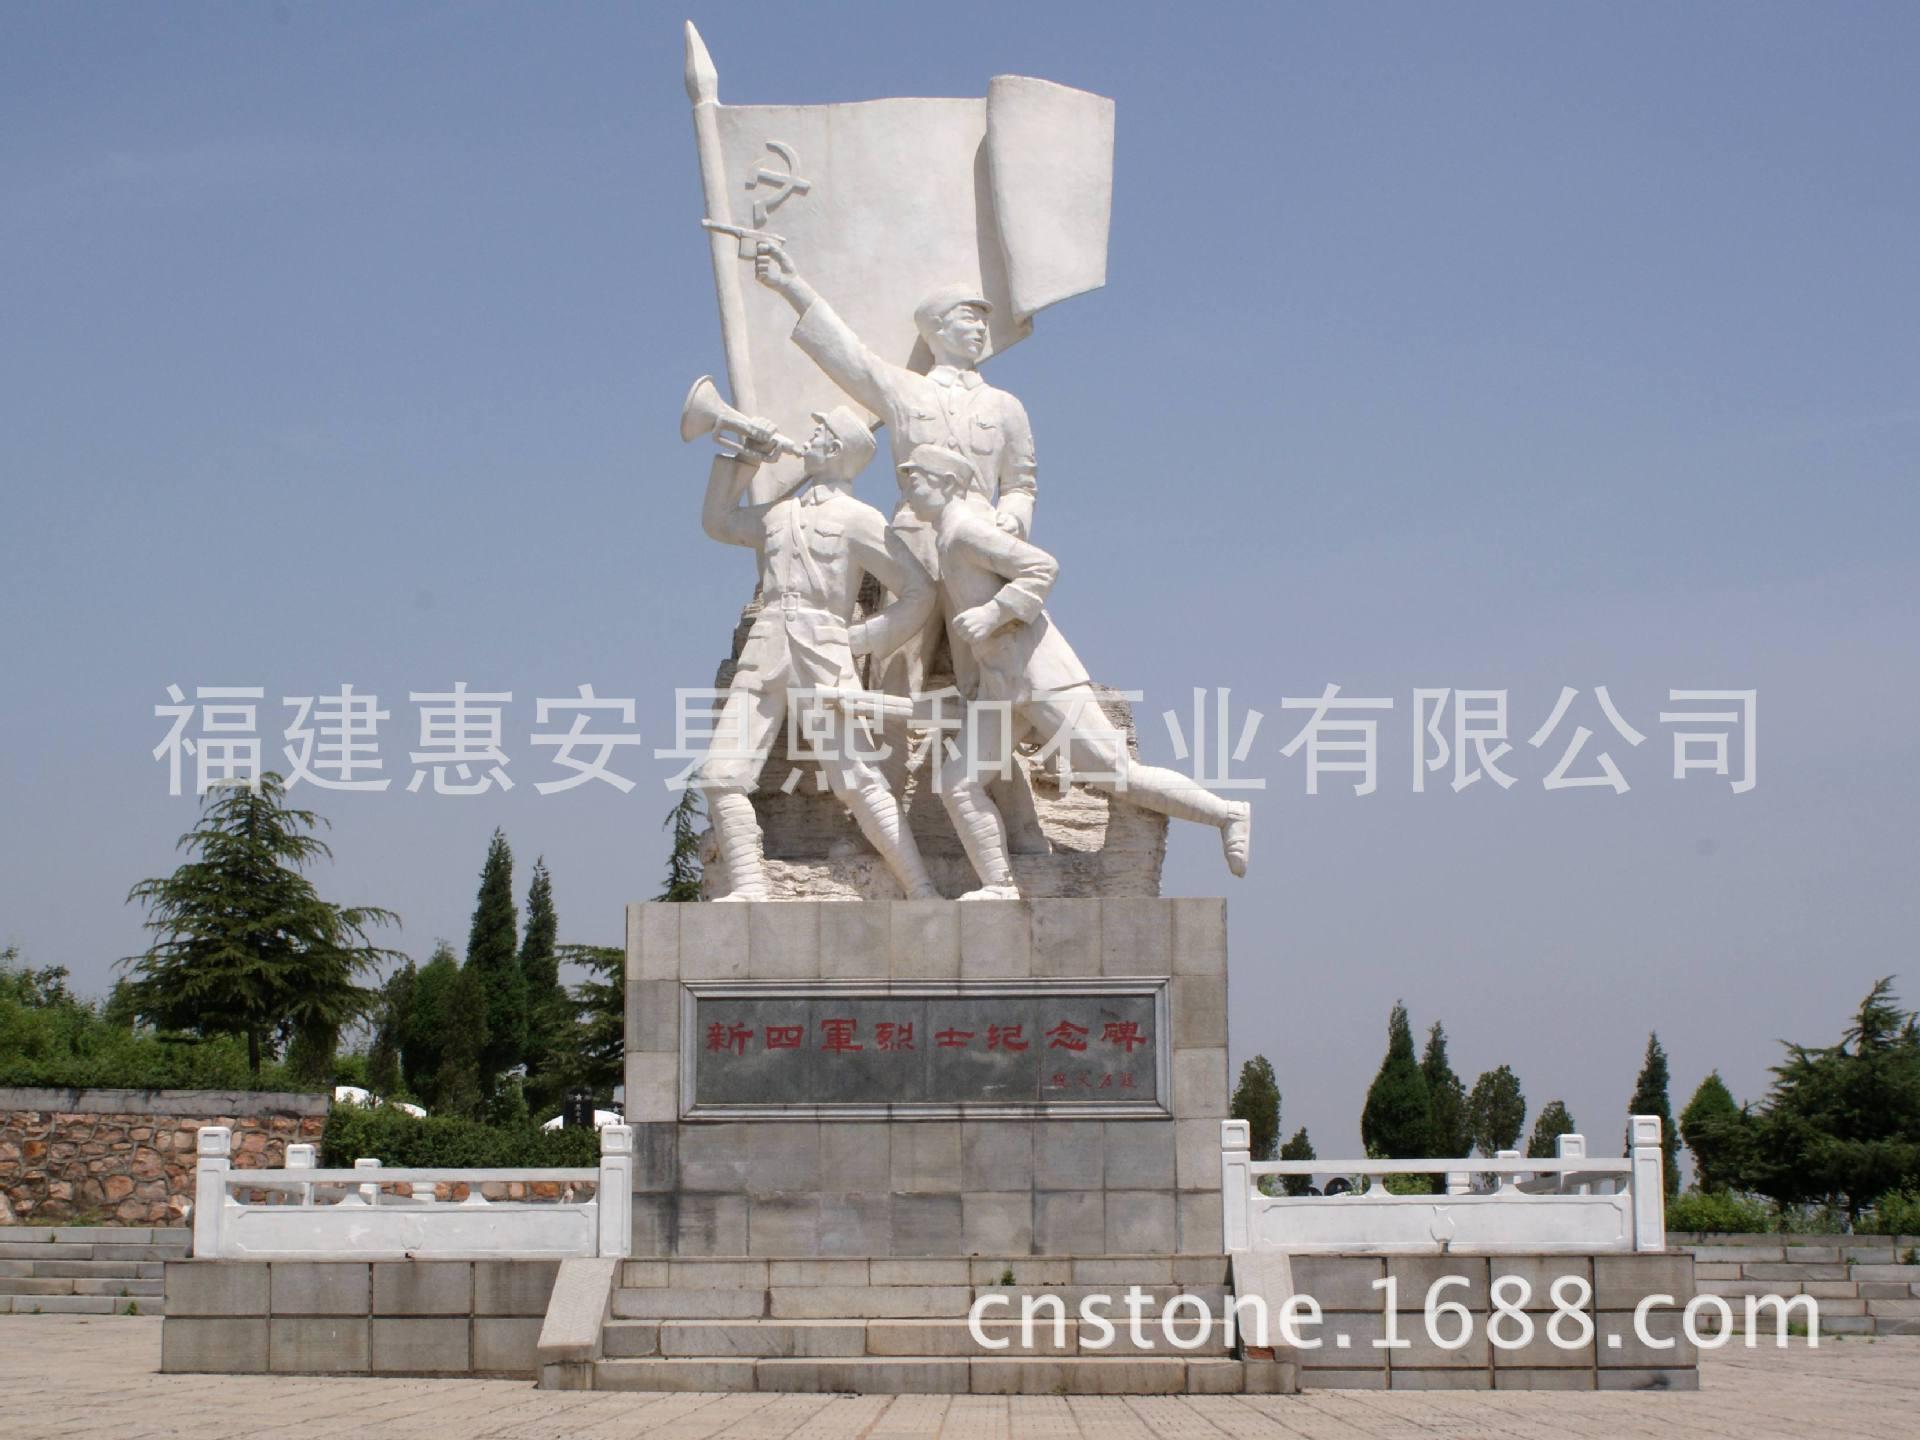 革命纪念雕塑